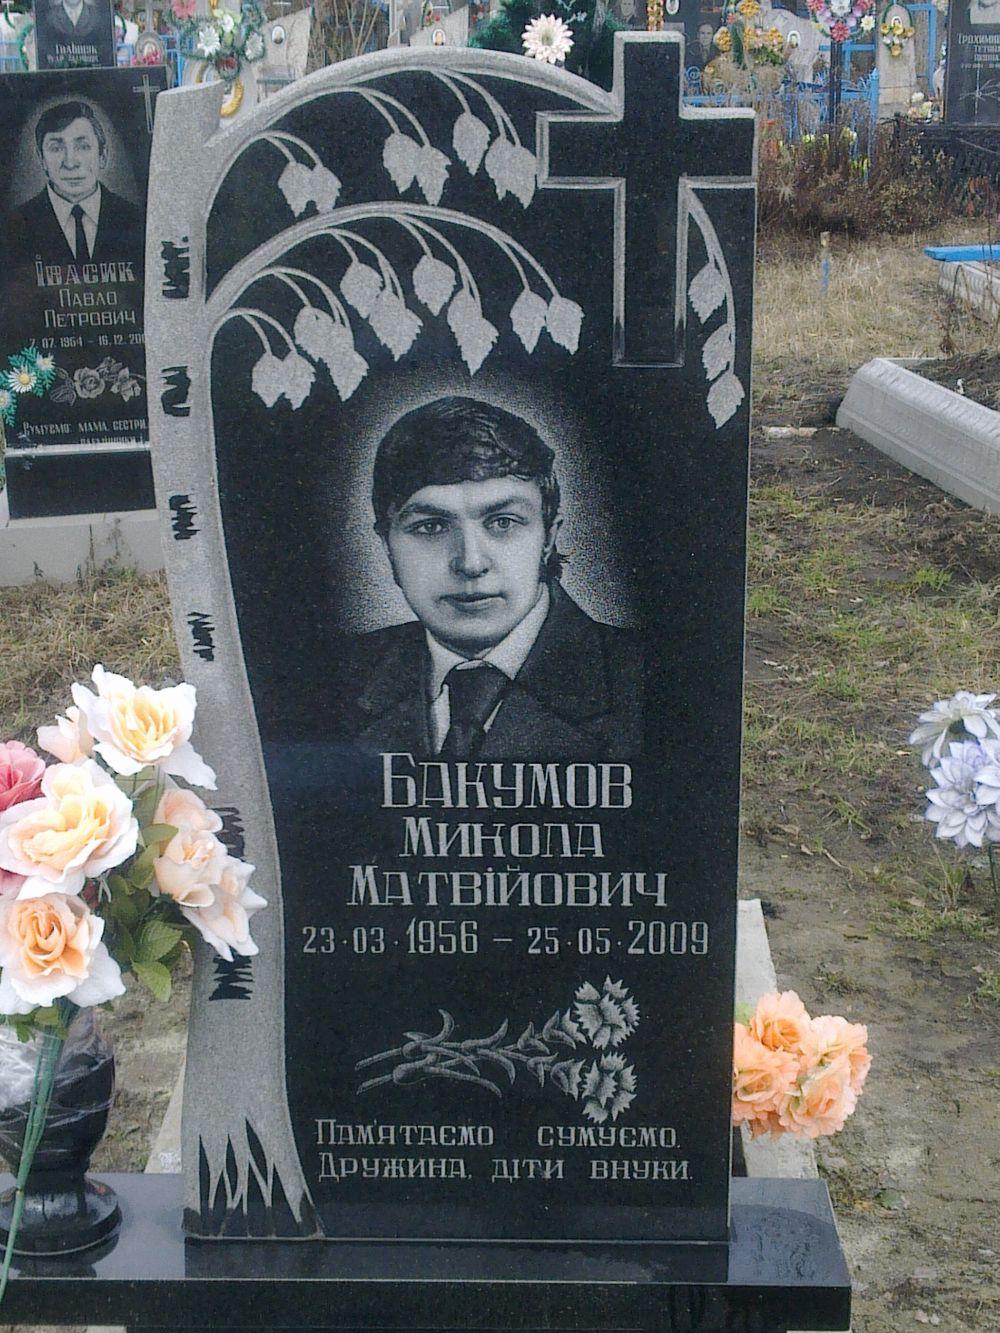 izgotovlenie_pamyatnikov_izgotovlenie_granitnyh_pamyatnikovizgotovlenie_pamyatnikov_iz_granita